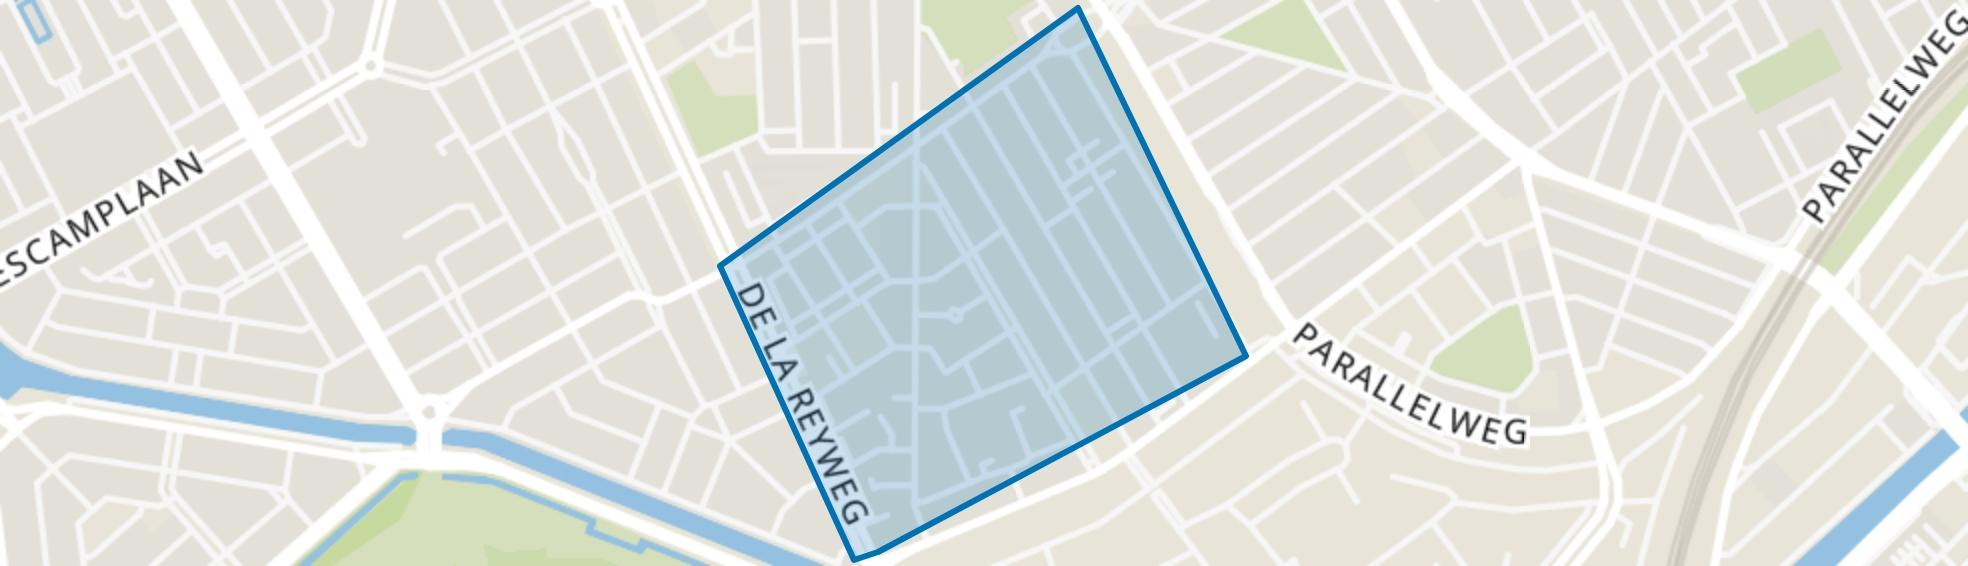 Transvaalkwartier-Zuid, Den Haag map